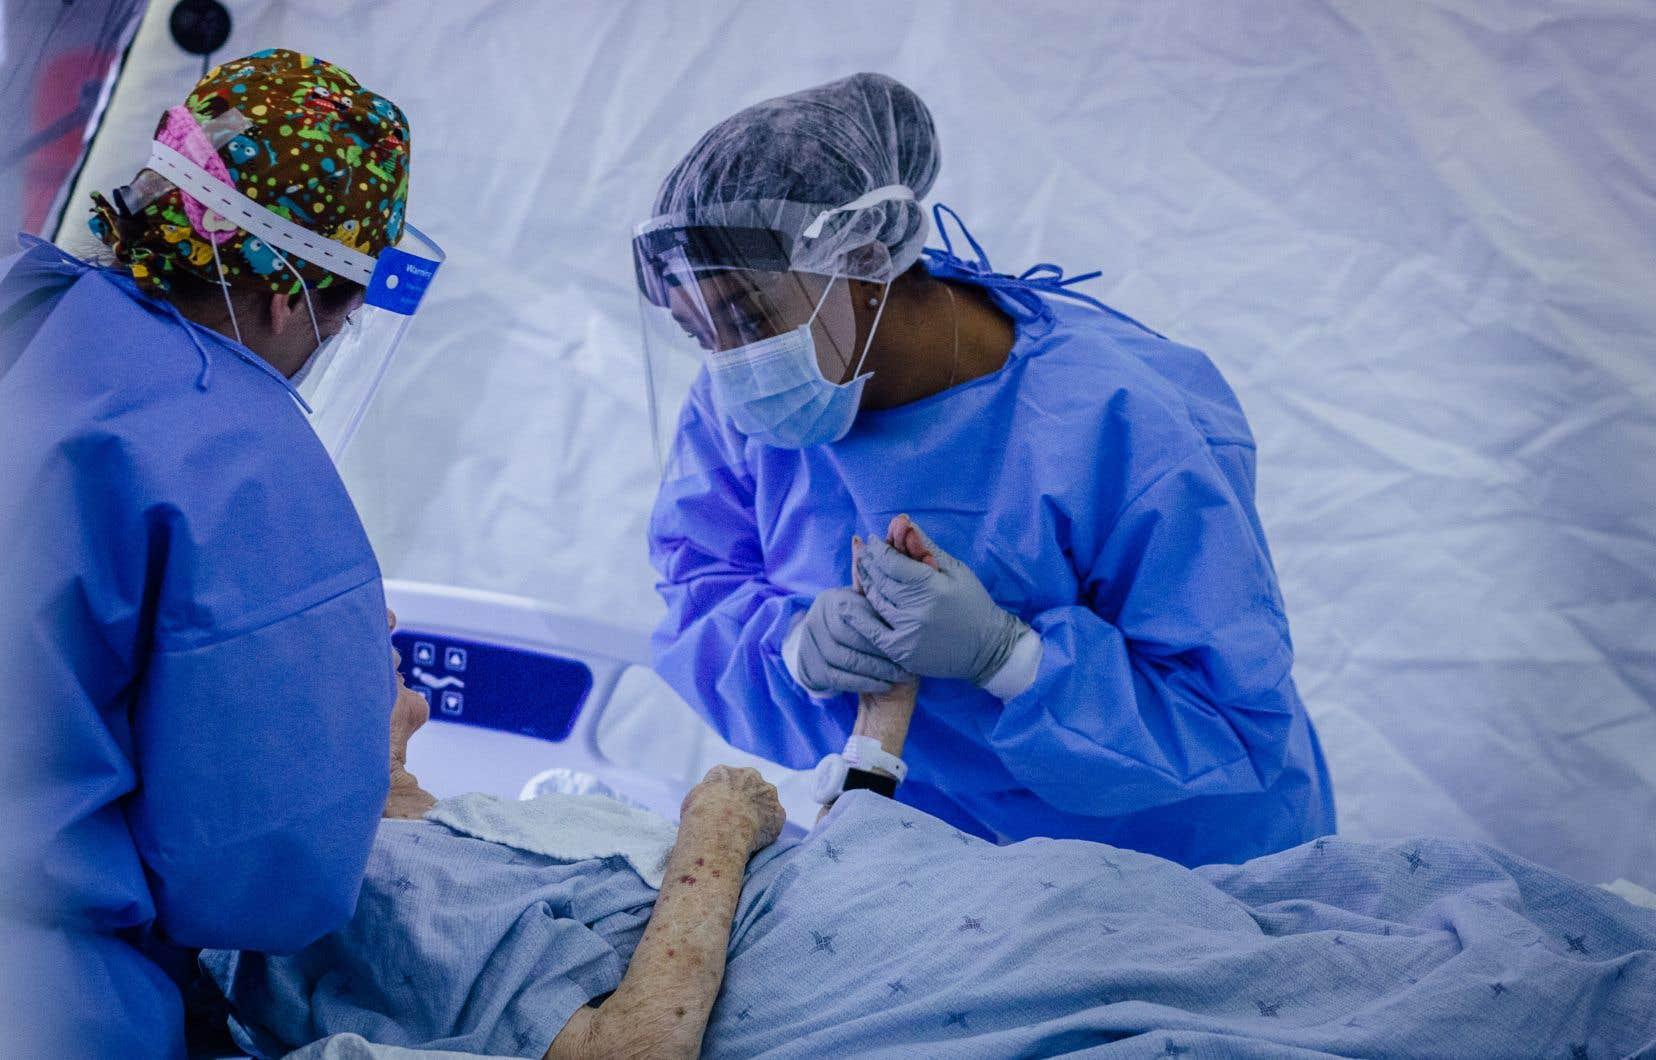 Une infirmière auxiliaire auprès d'une patiente à l'aréna Jacques-Lemaire, à Montréal, qui a été transformé en hôpital.